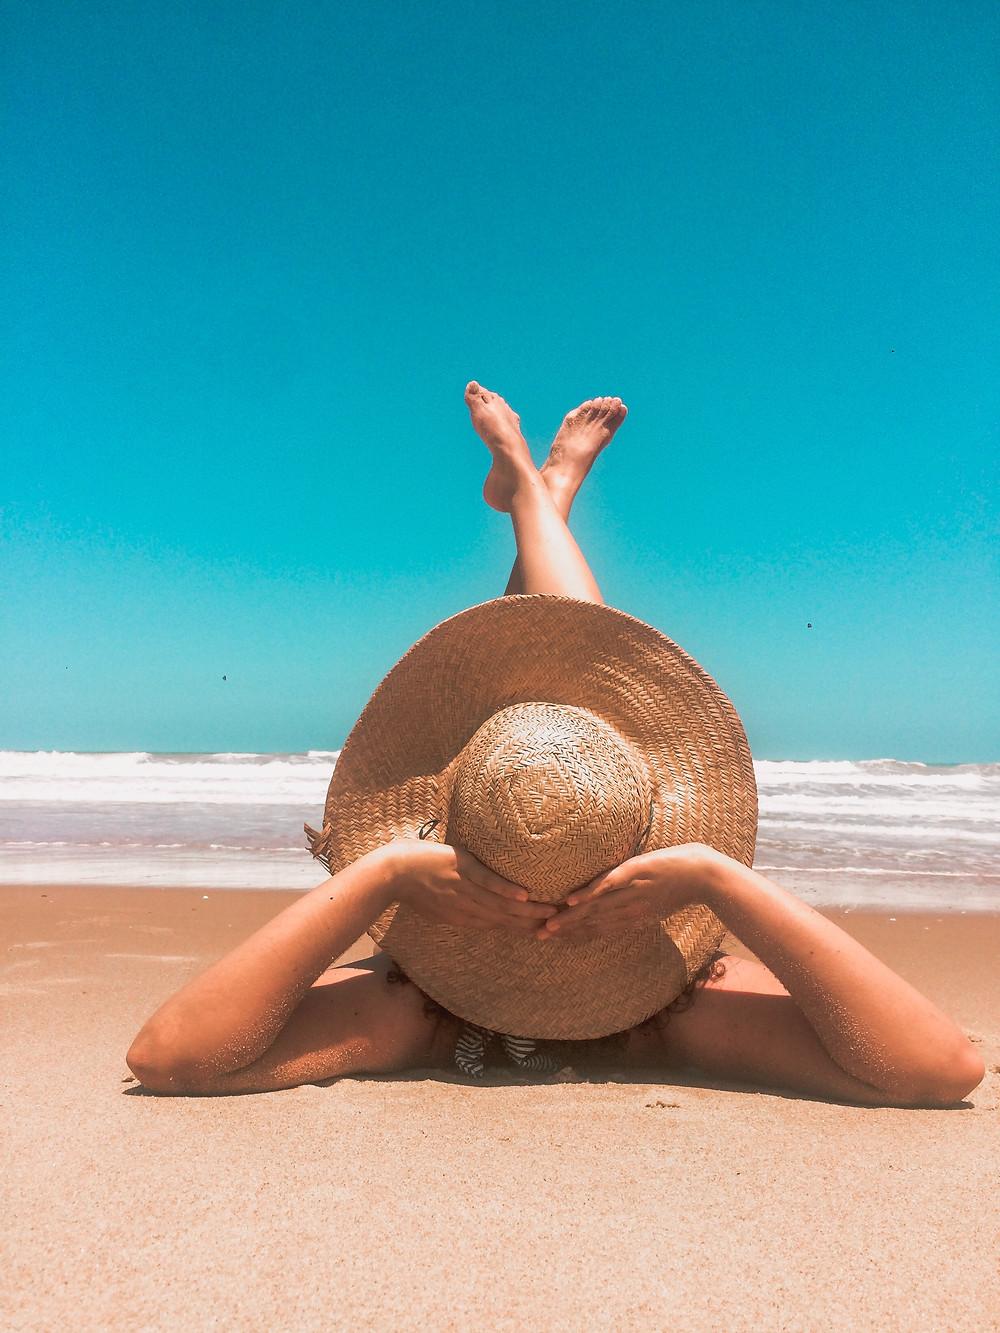 Eyelash extensions og ferie er et omdiskuteret emne, find ud af om du må have vipper på på ferie